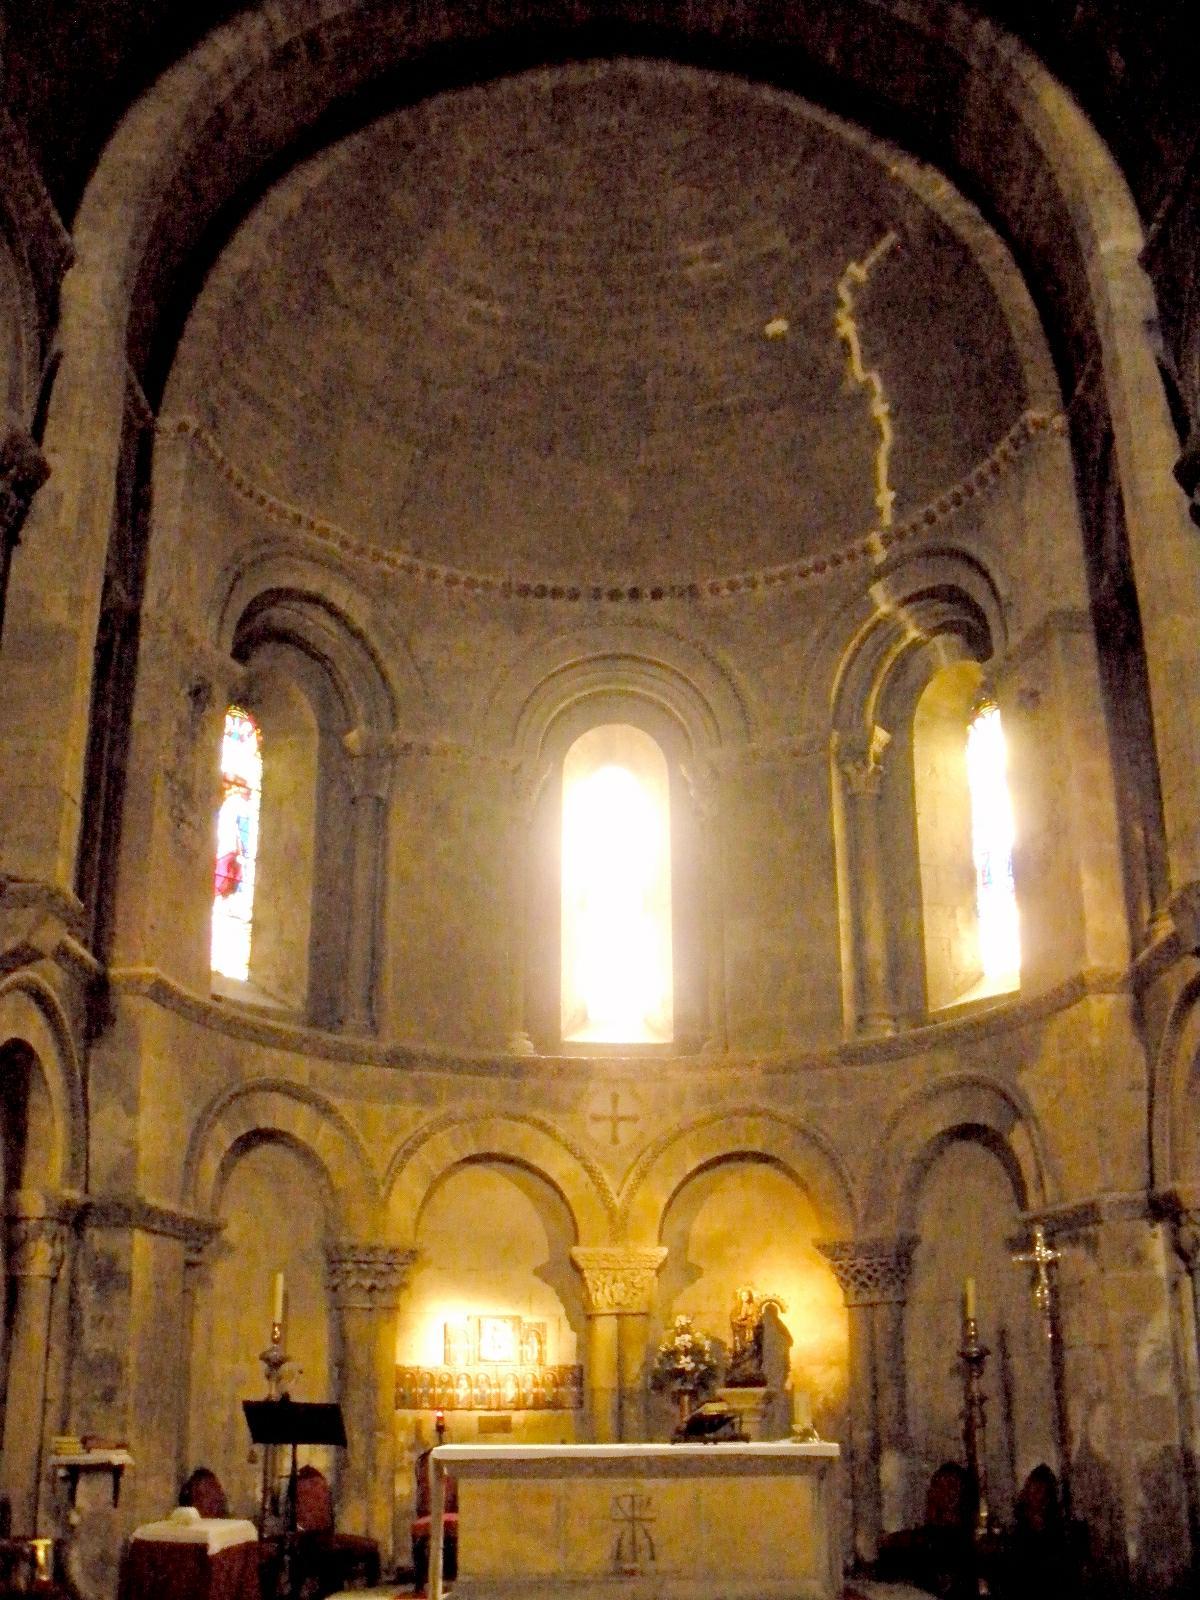 Maravillas ocultas de espa a segovia una maravilla del for Interior iglesia romanica